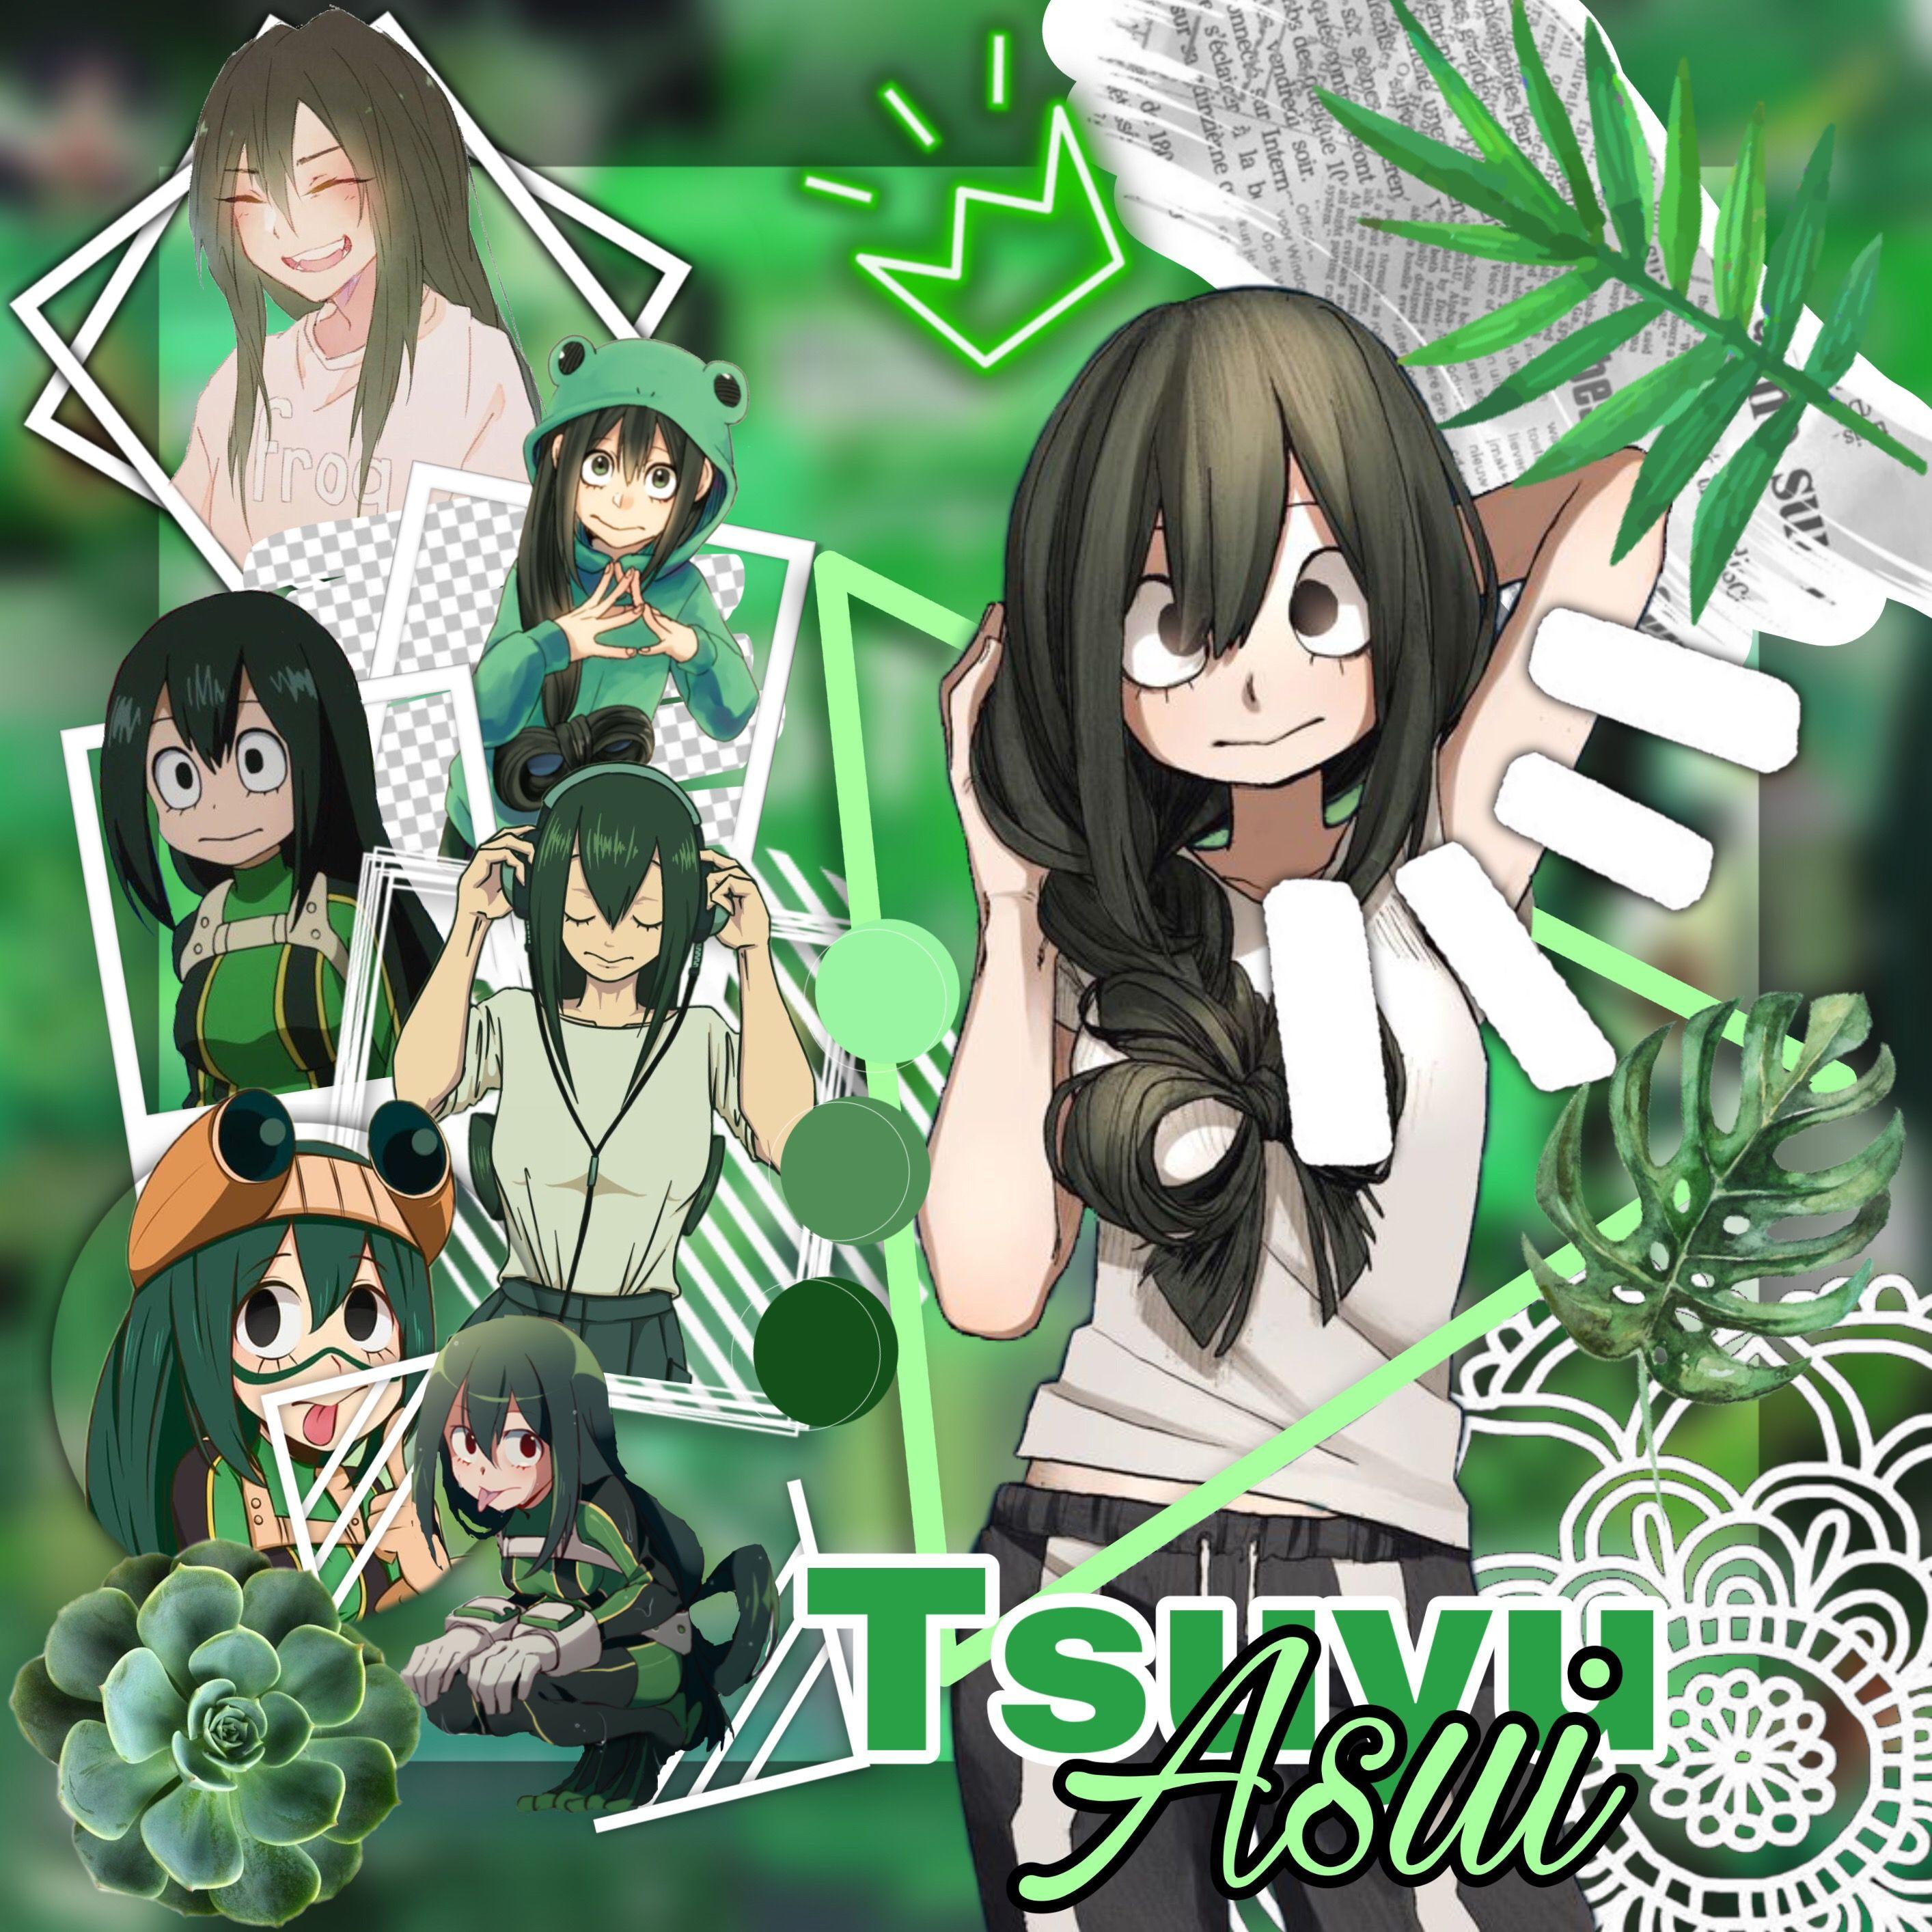 Tsu Is So Cute Notfreetoedit Myheroacademia Bokunoheroacademia Bnha Mha Tsuyuasui Tsuyu Asui Tsu Cute Anime Character Tsuyu Asui Anime Characters